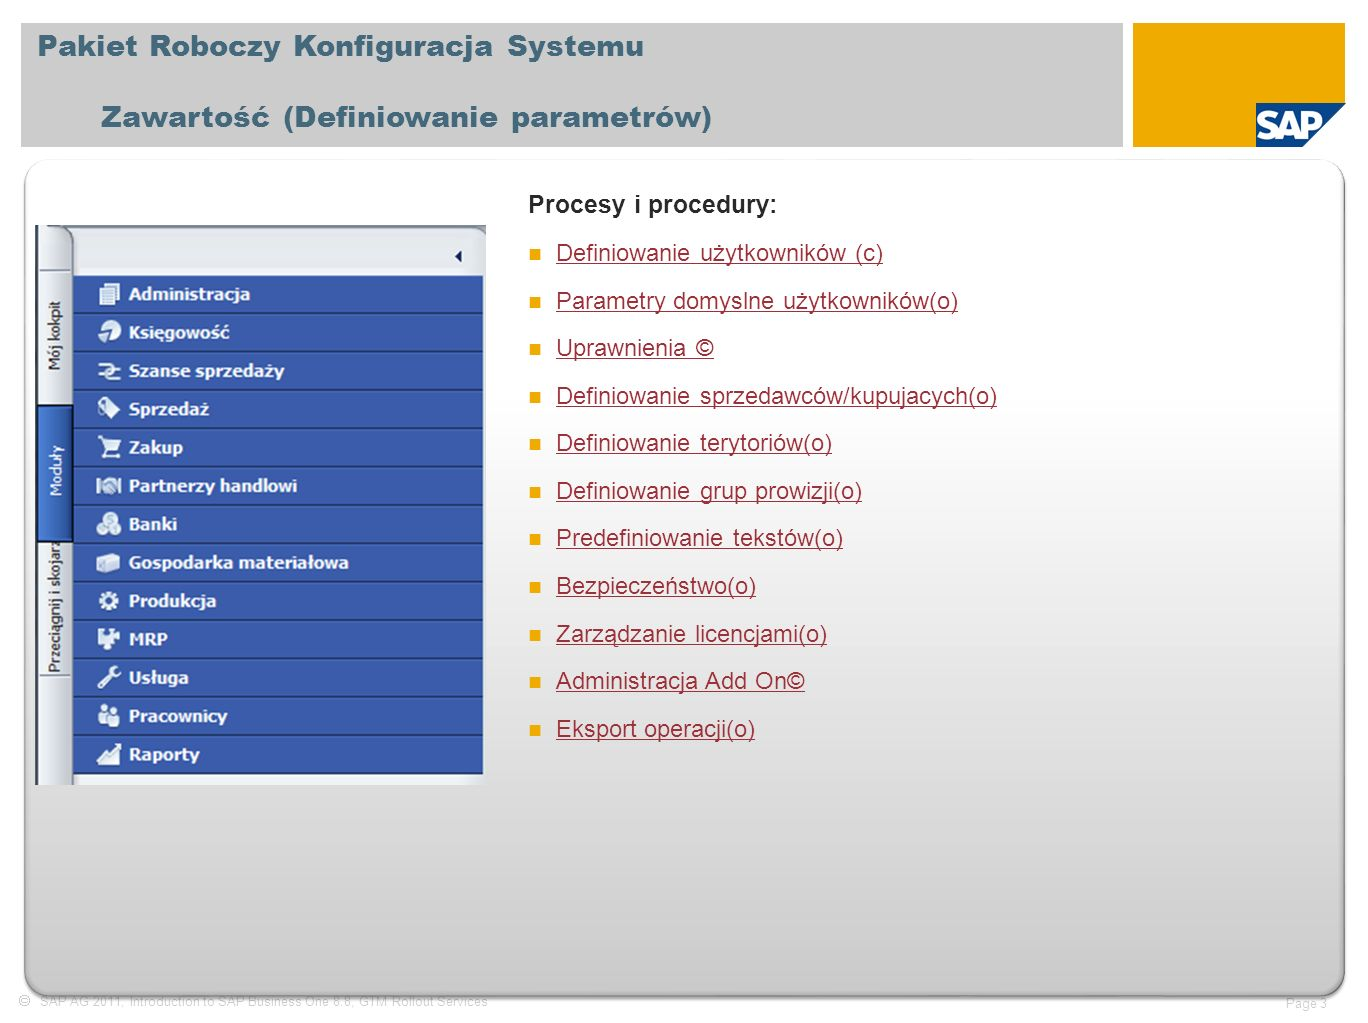  SAP AG 2011, Introduction to SAP Business One 8.8, GTM Rollout Services Page 3 Pakiet Roboczy Konfiguracja Systemu Zawartość (Definiowanie parametrów) Procesy i procedury: Definiowanie użytkowników (c) Definiowanie użytkowników (c) Parametry domyslne użytkowników(o) Parametry domyslne użytkowników(o) Uprawnienia © Uprawnienia © Definiowanie sprzedawców/kupujacych(o) Definiowanie sprzedawców/kupujacych(o) Definiowanie terytoriów(o) Definiowanie terytoriów(o) Definiowanie grup prowizji(o) Definiowanie grup prowizji(o) Predefiniowanie tekstów(o) Predefiniowanie tekstów(o) Bezpieczeństwo(o) Bezpieczeństwo(o) Zarządzanie licencjami(o) Zarządzanie licencjami(o) Administracja Add On© Administracja Add On© Eksport operacji(o) Eksport operacji(o)